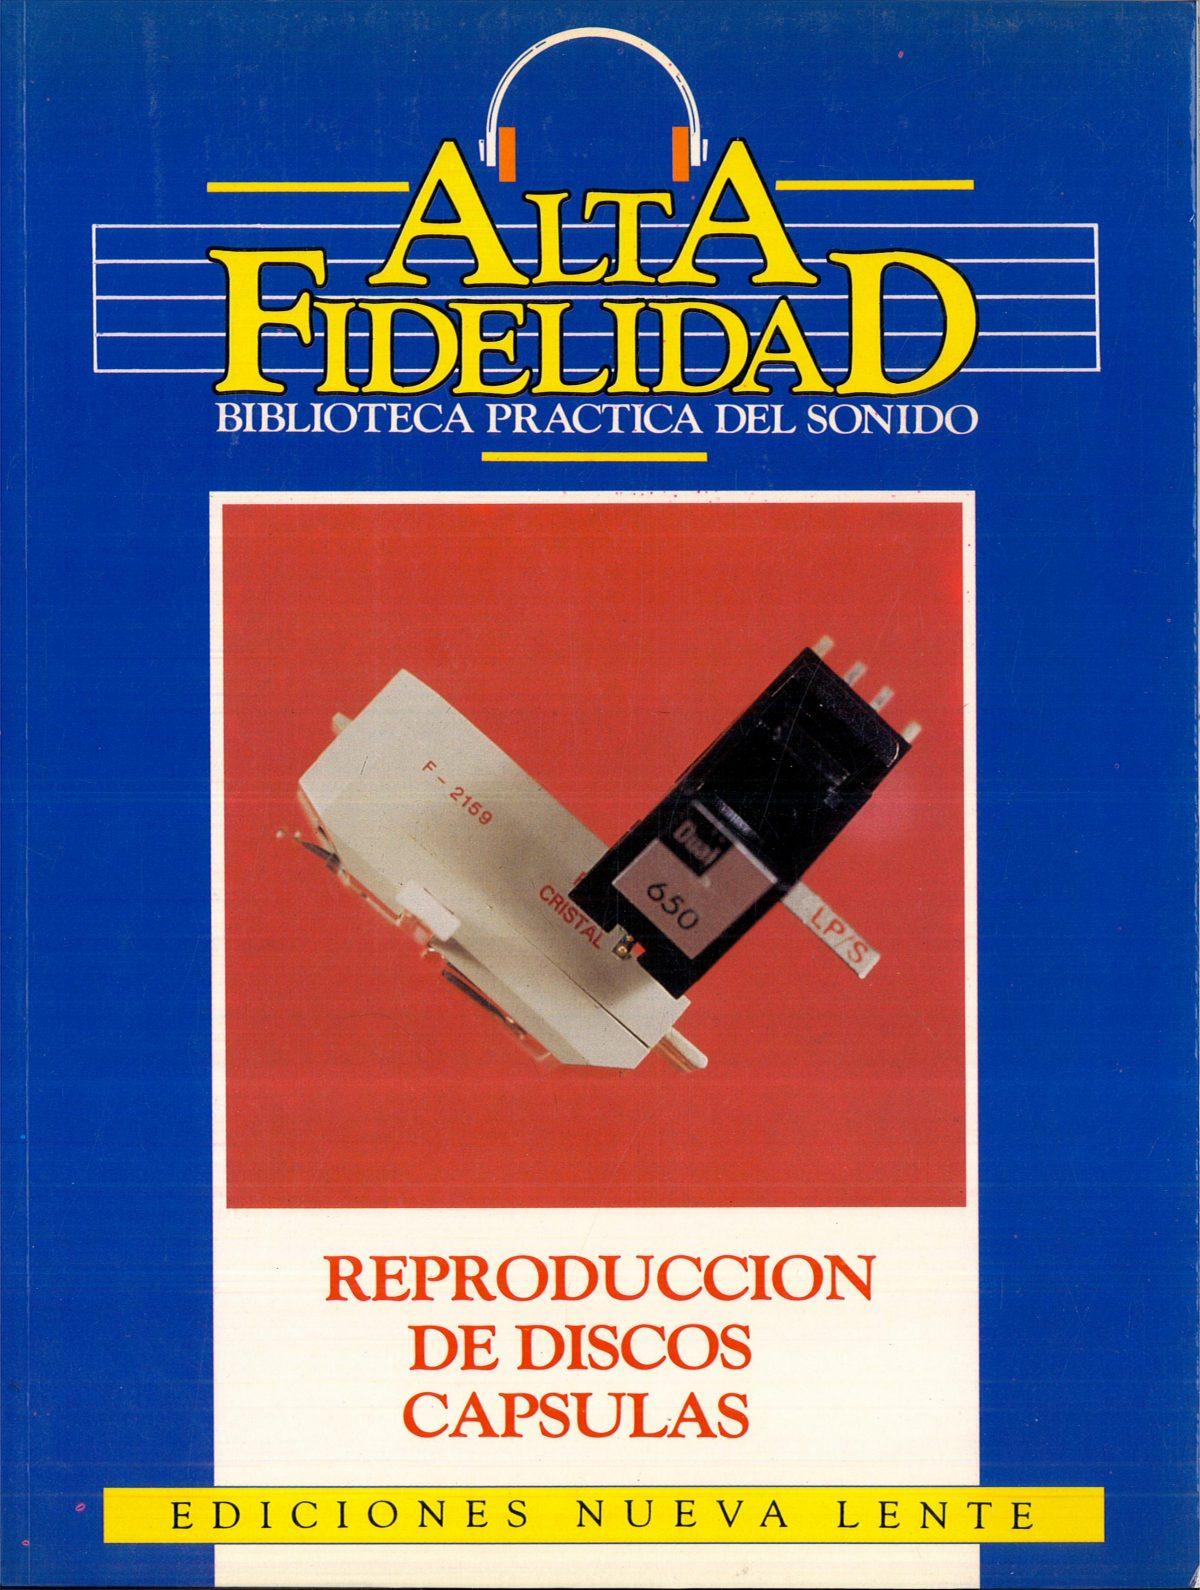 «Alta Fidelidad (Biblioteca práctica del sonido)»